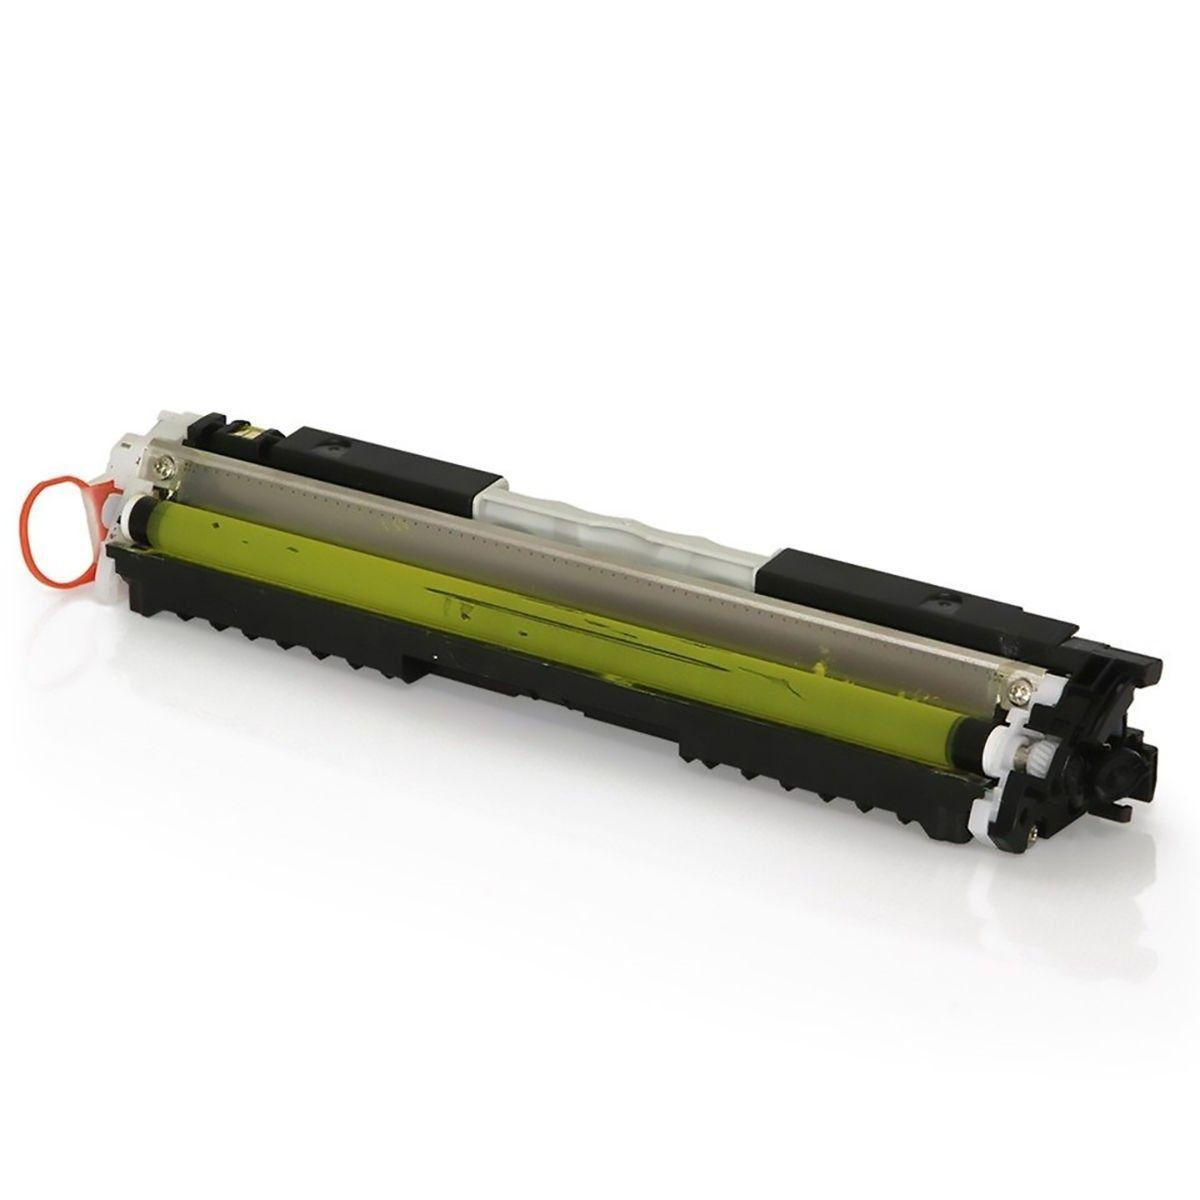 Toner Ce312ac Ce312 Ce 312 Amarelo Evolut Compatível com Cp1025 126a M175mw M175a da HP